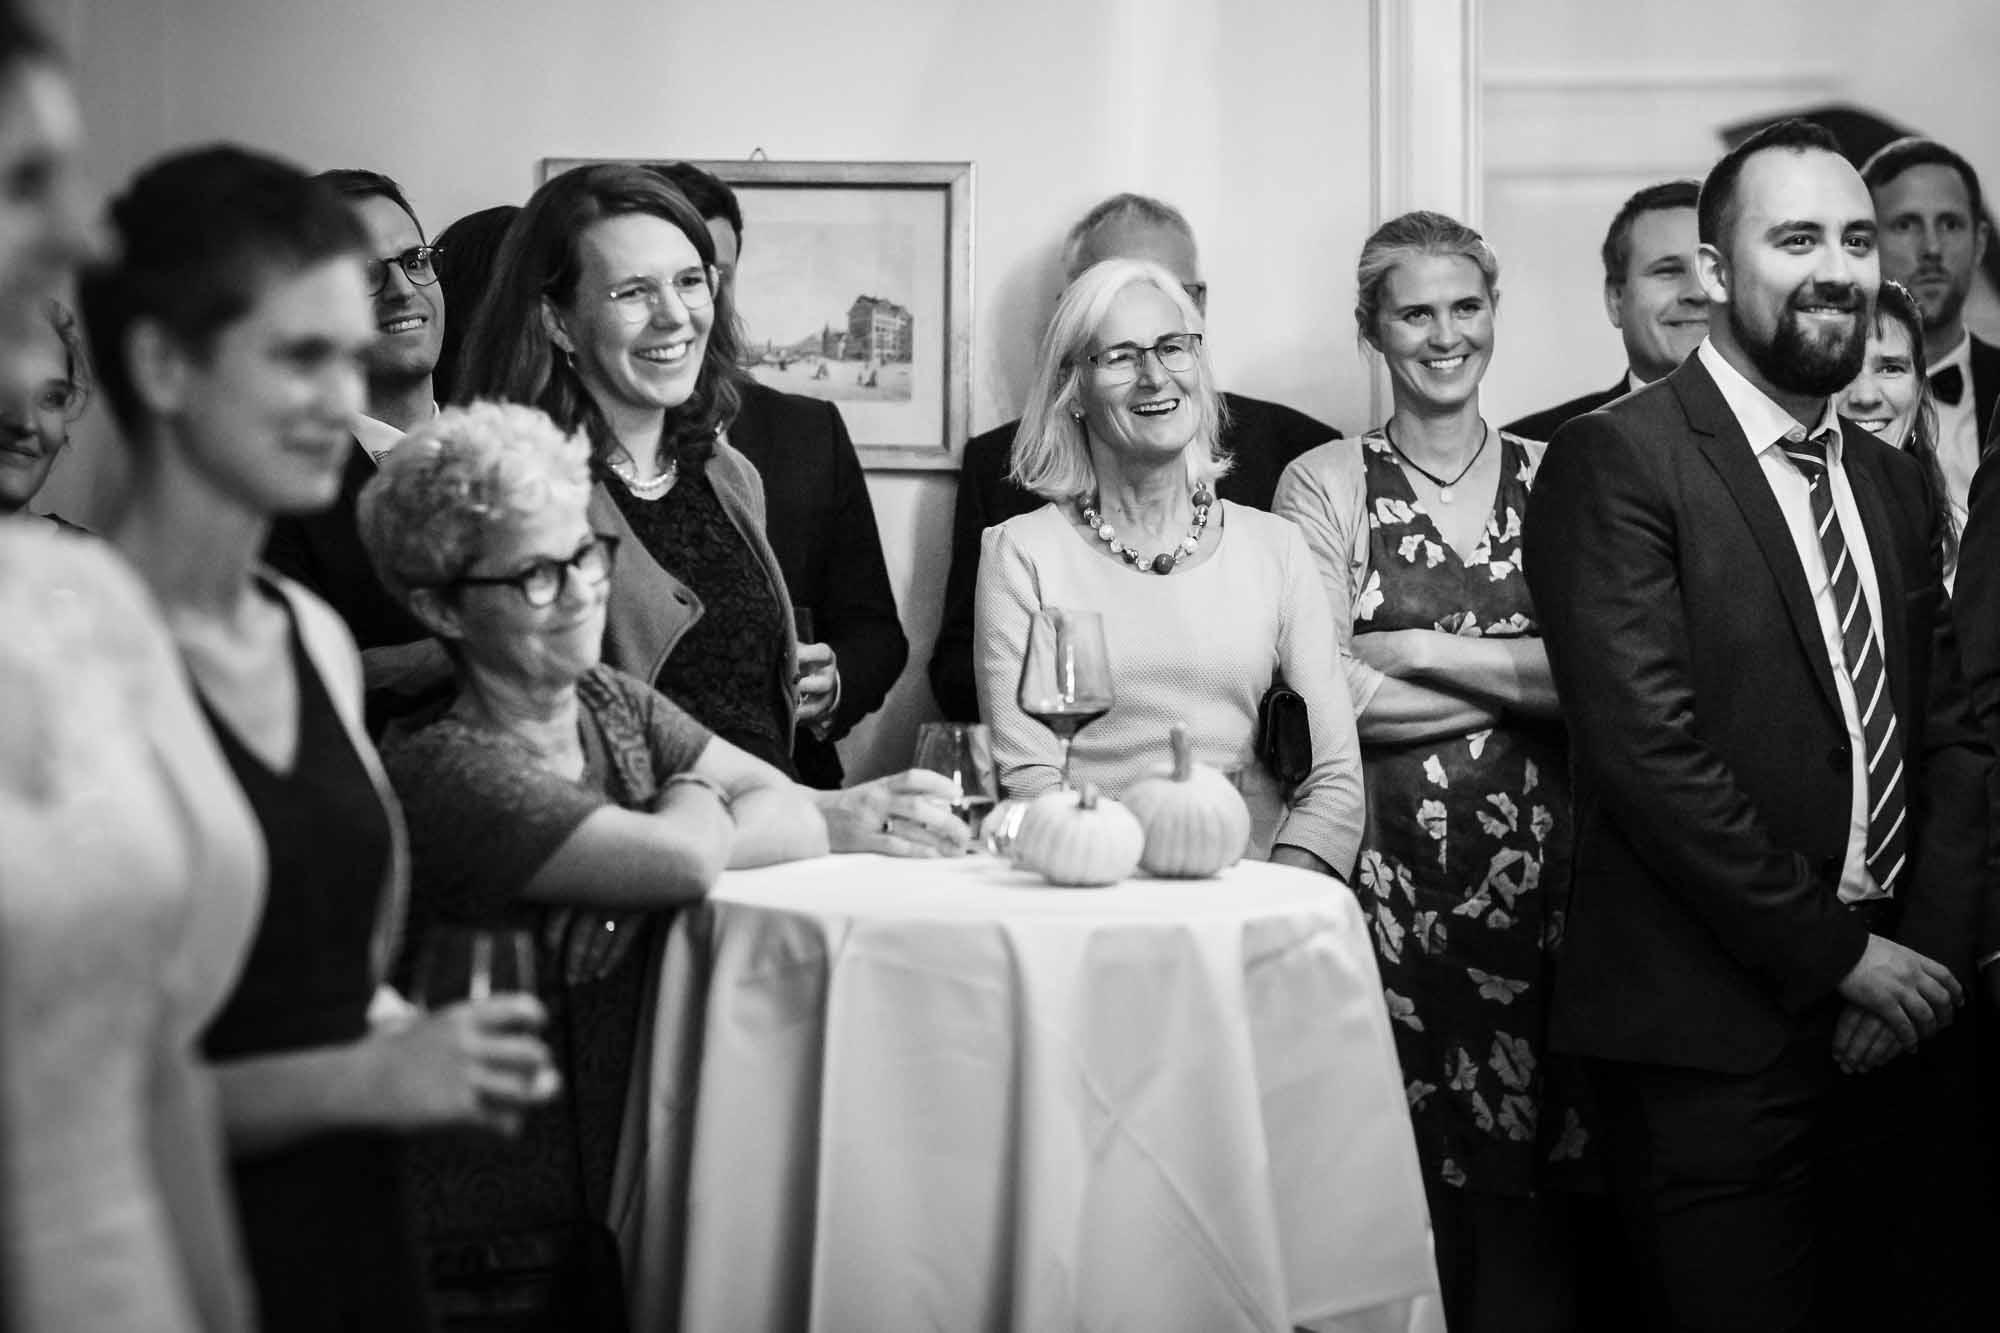 Gäste lachen